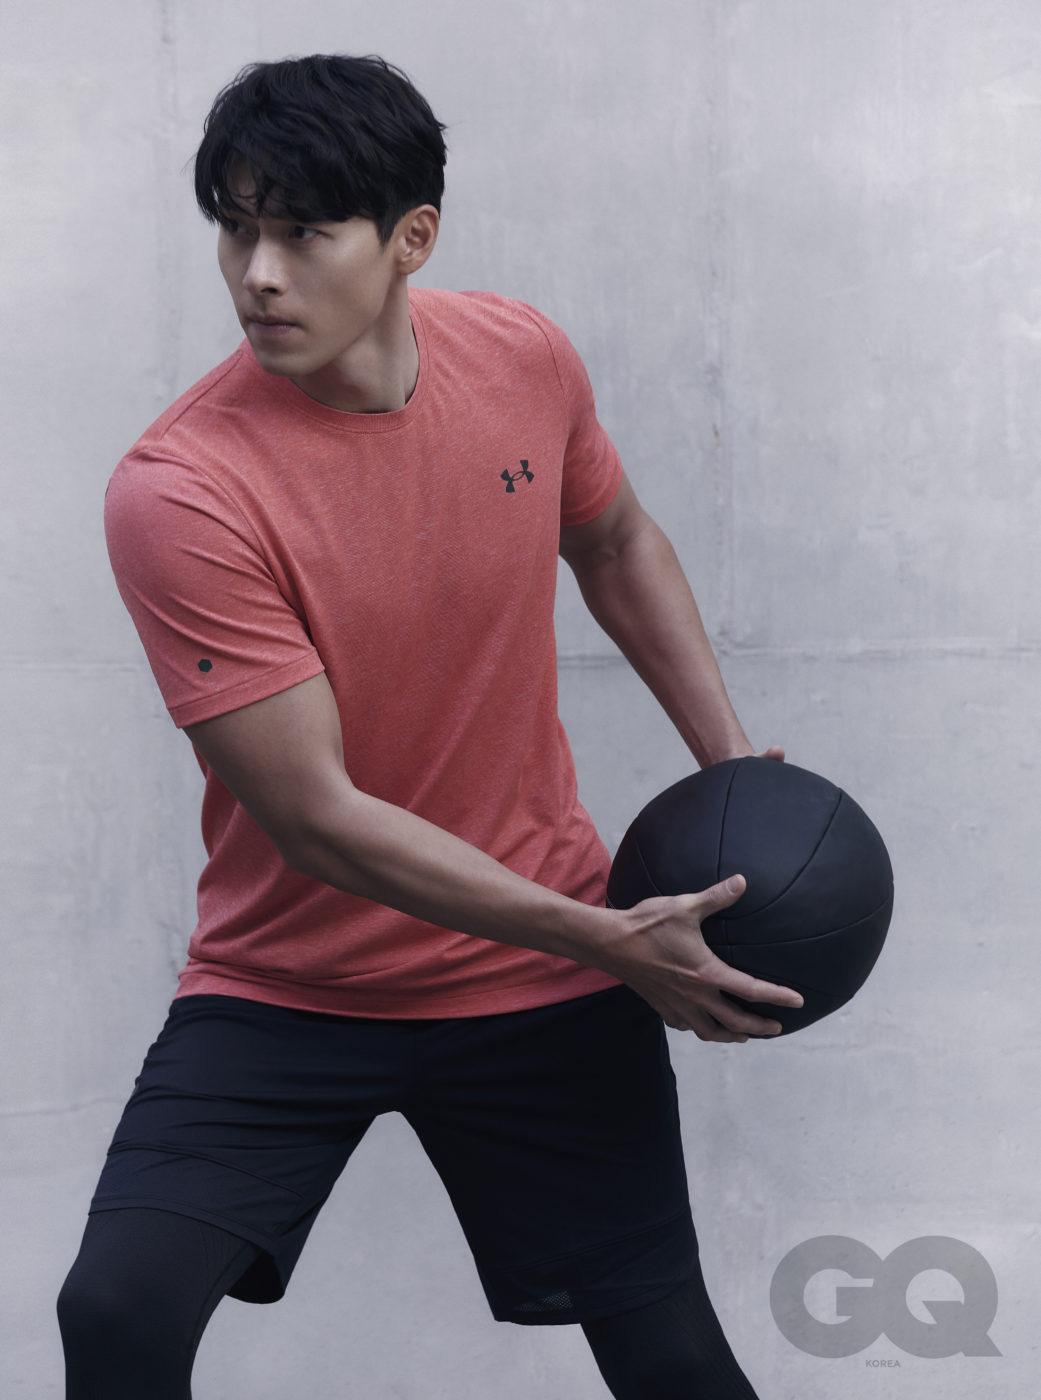 Hậu công khai hẹn hò Son Ye Jin, Hyun Bin tiết lộ bản thân đang rất cố gắng và nỗ lực bảo vệ tình yêu này - Ảnh 3.